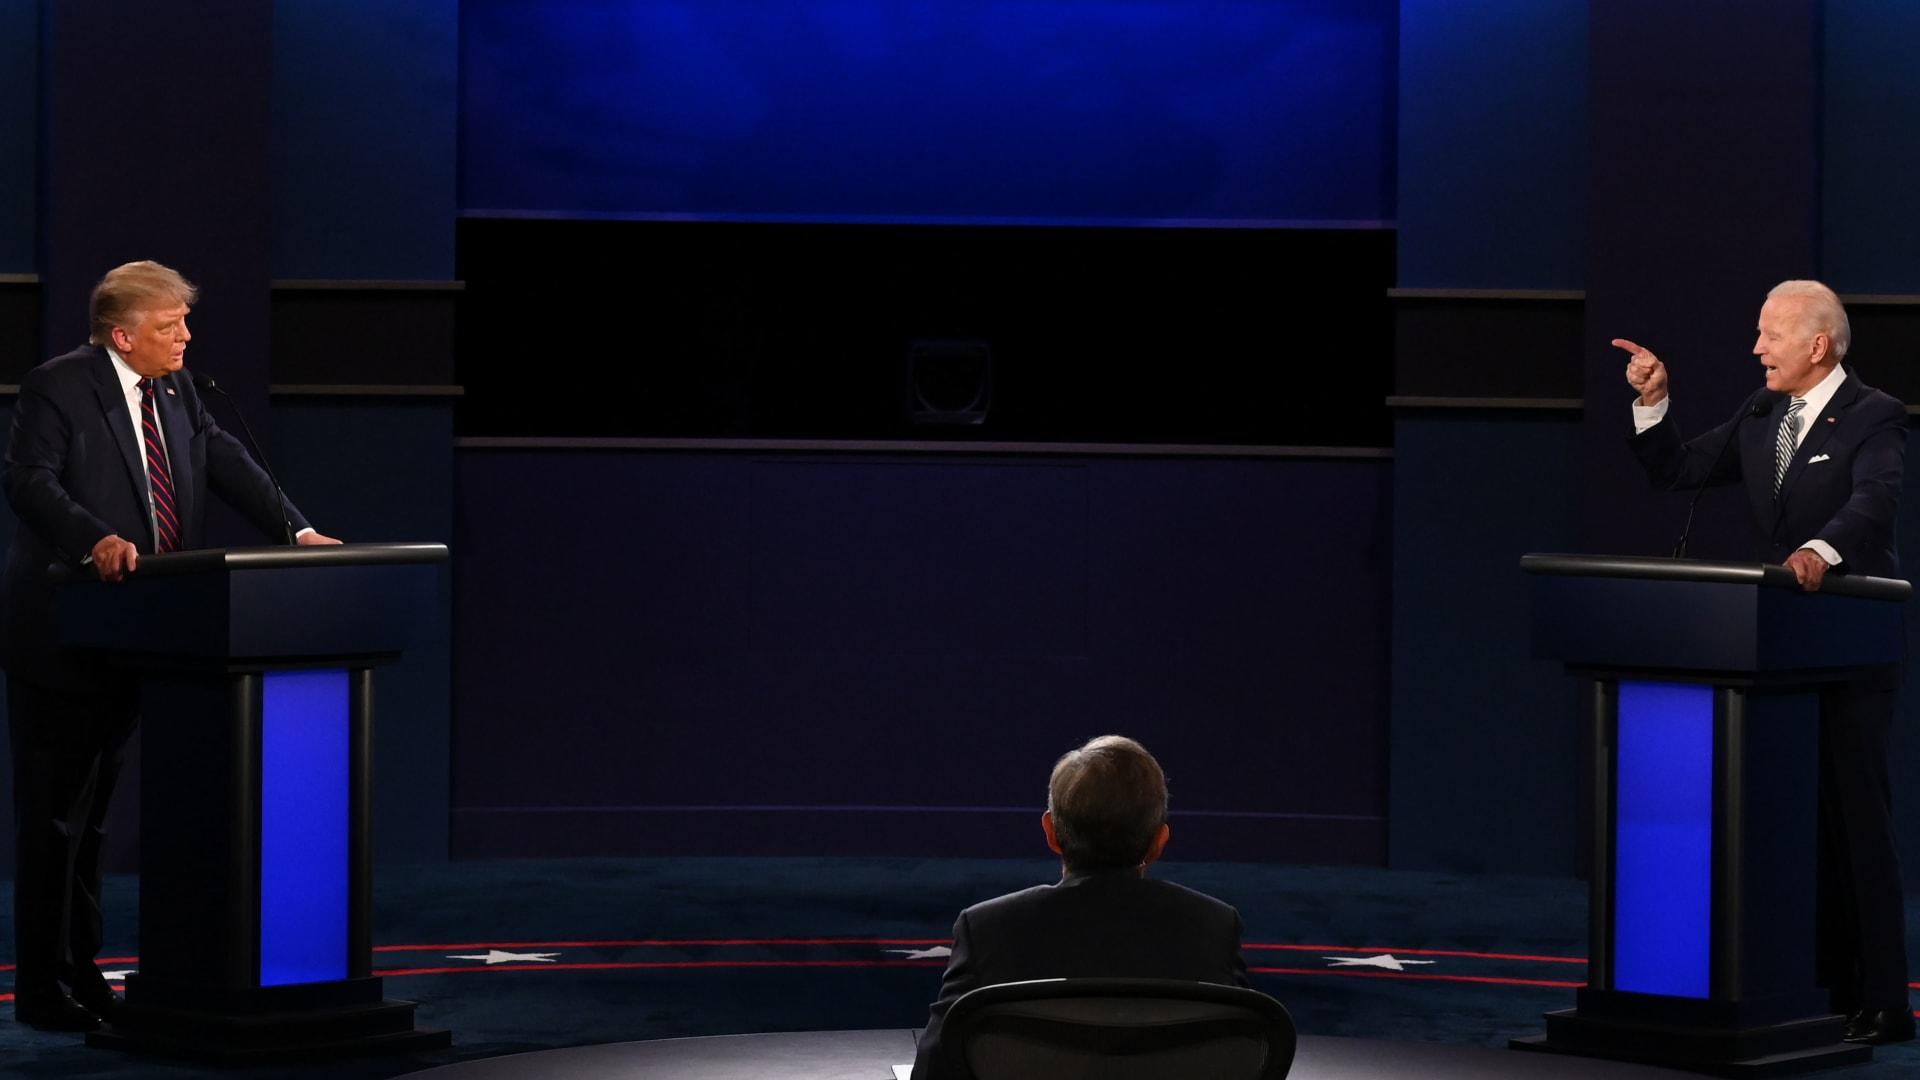 بايدن وترامب خلال المناظرة الرئاسية